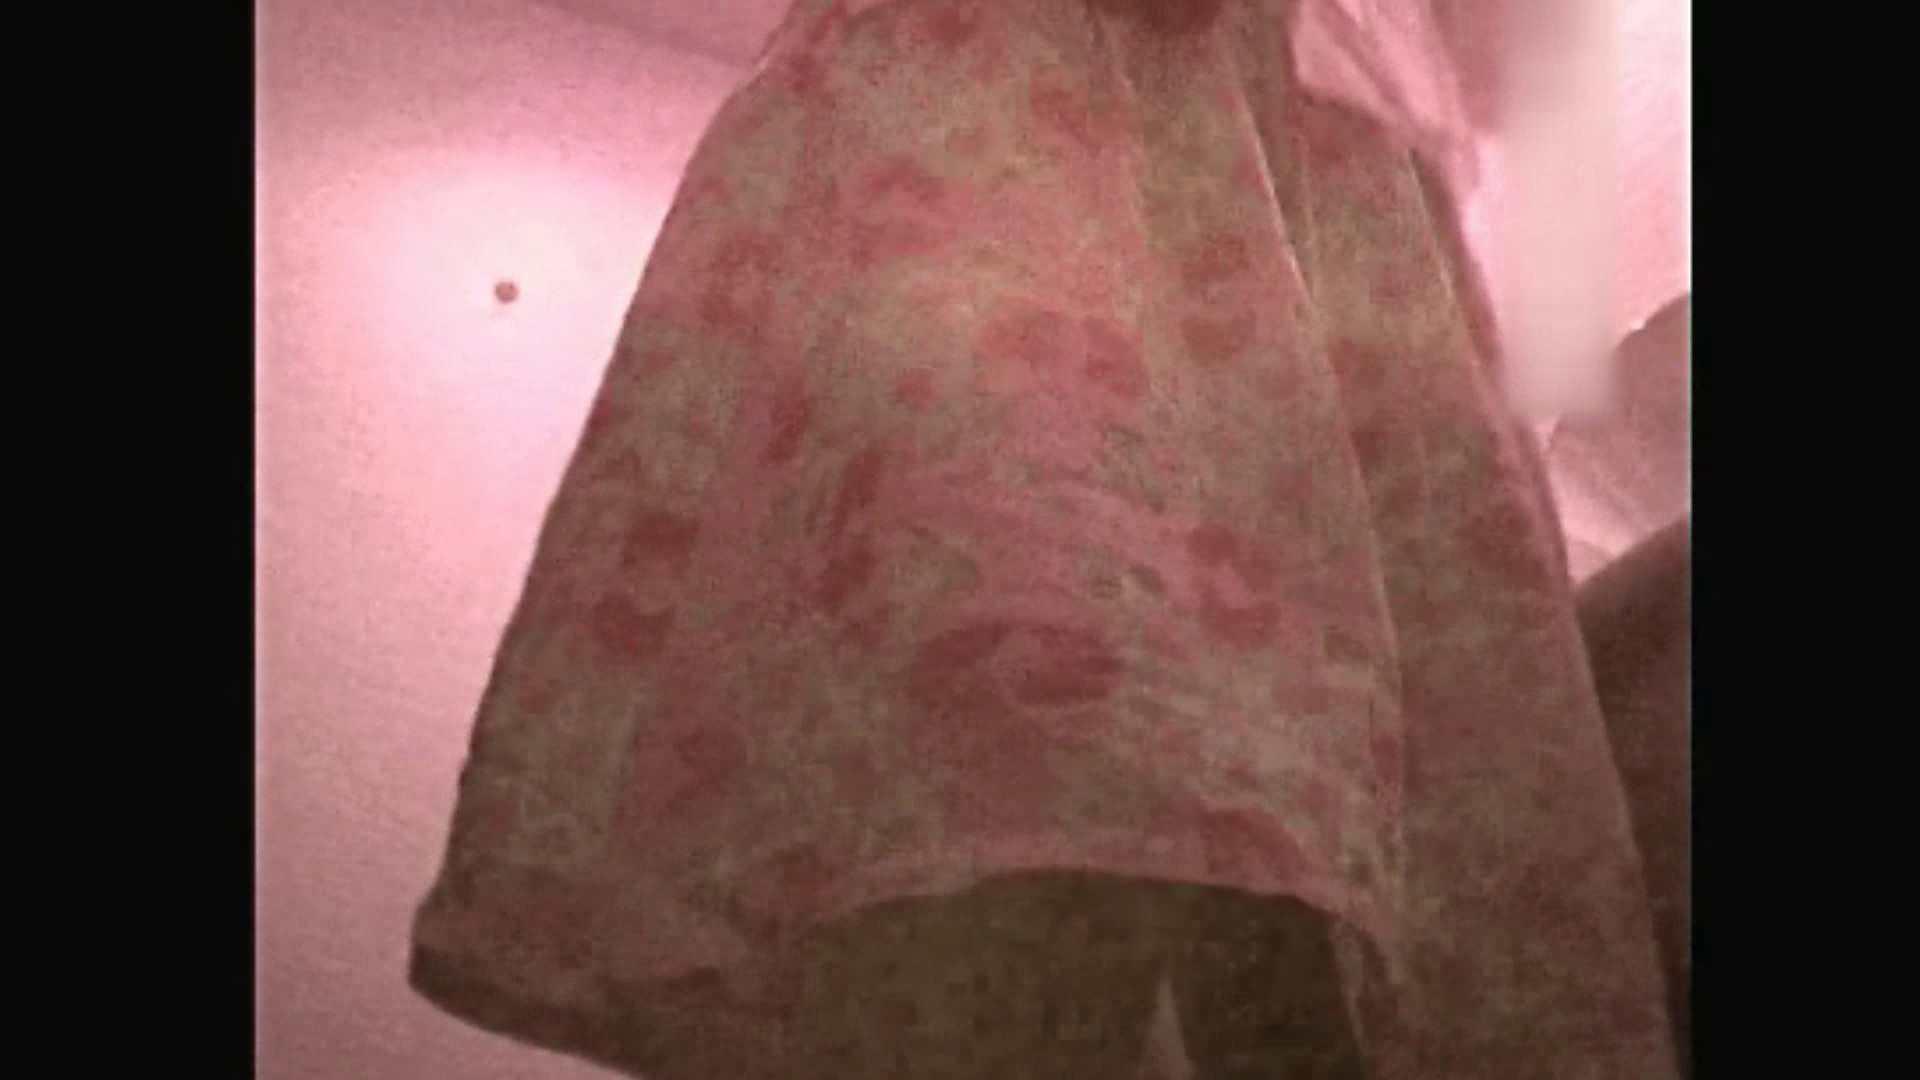 ▲復活限定D▲禁断塾講のおしえ子(シリーズⅢ)あみちゃん  Vol.23脱衣編 0  84連発 36